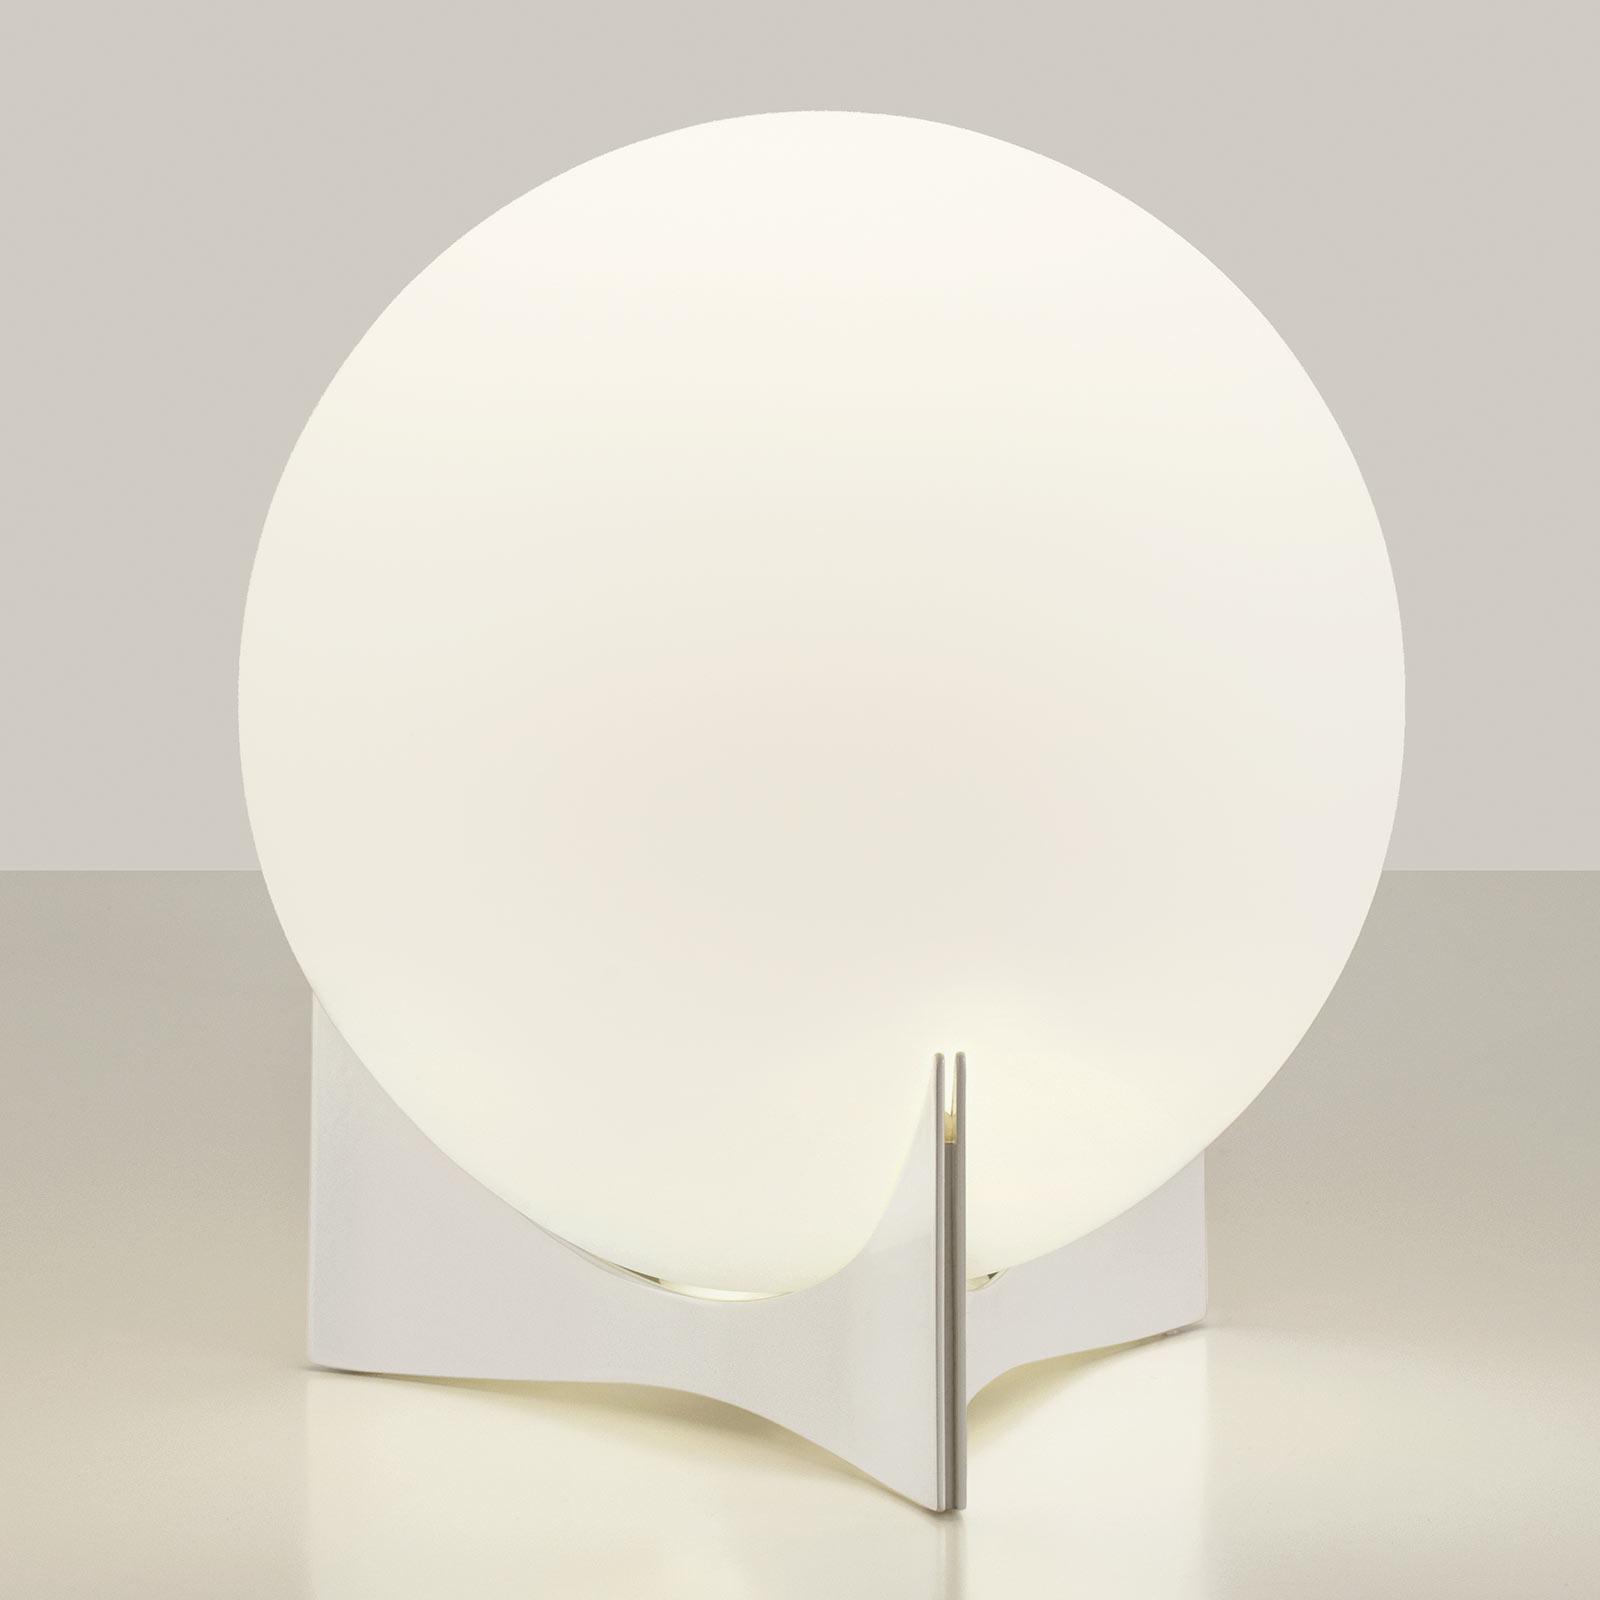 Terzani Oscar bordlampe av glass, hvit